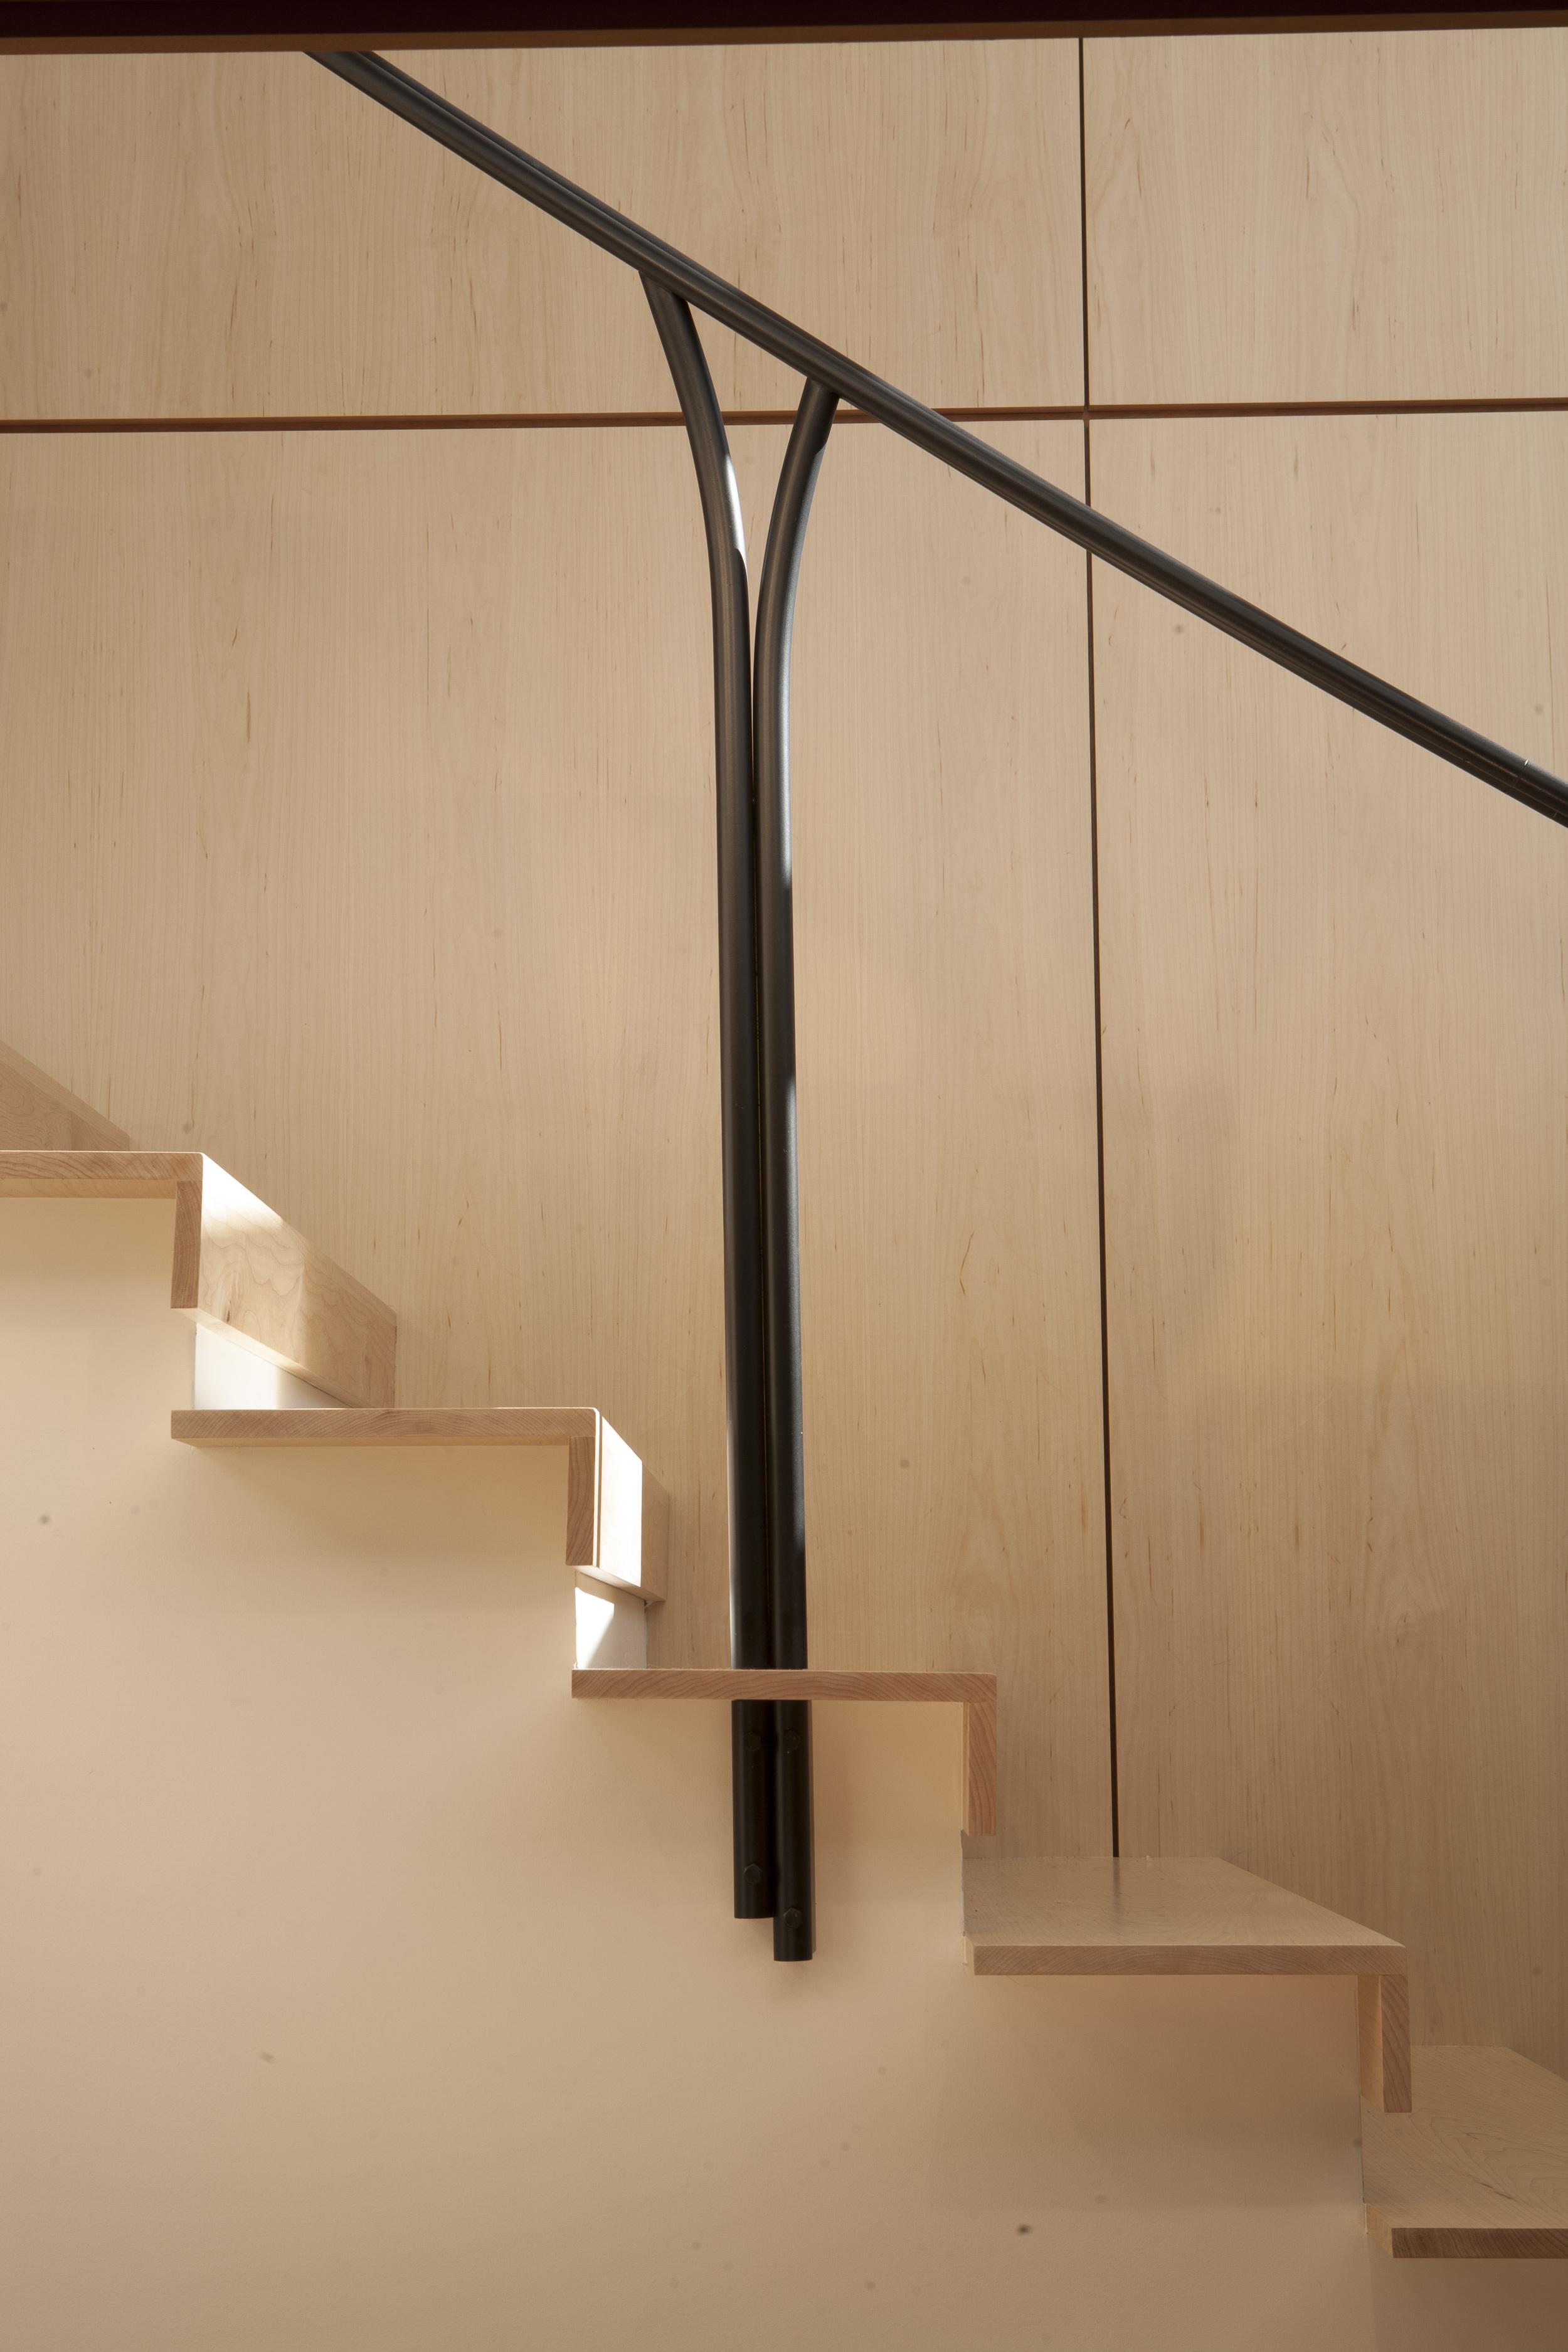 Cassilhaus Interior Stair Rail Detail Raw.jpg